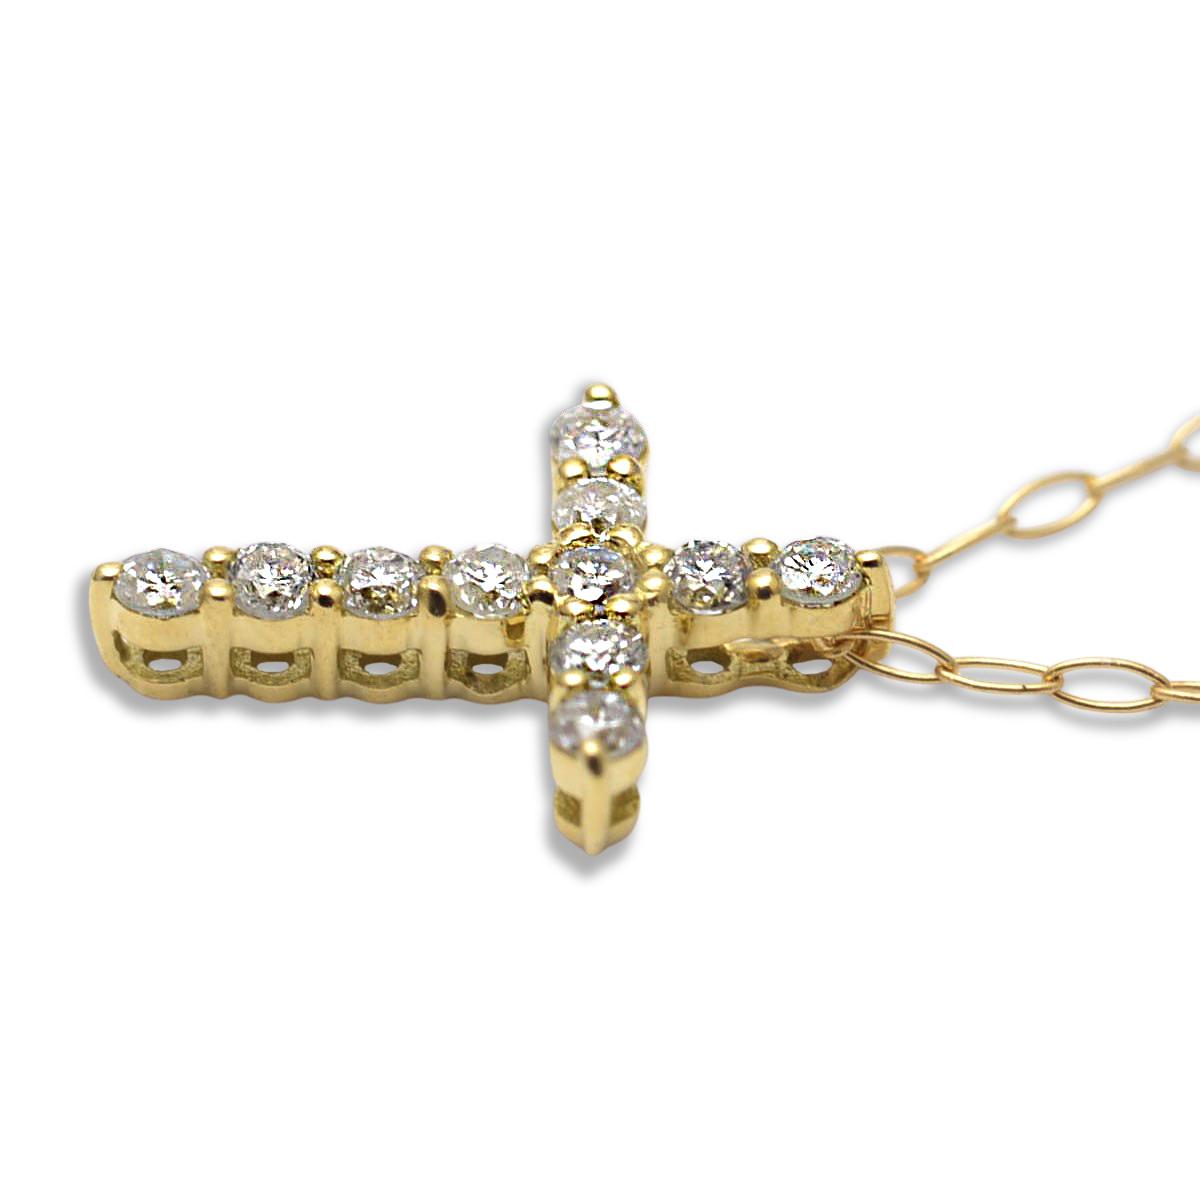 ゴールドネックレス k18ネックレス (RERALUy)クロスダイアモンド ネックレス ダイヤモンド0.1ct K18 18金 ゴールド イエローゴールド ペンダント シンプル